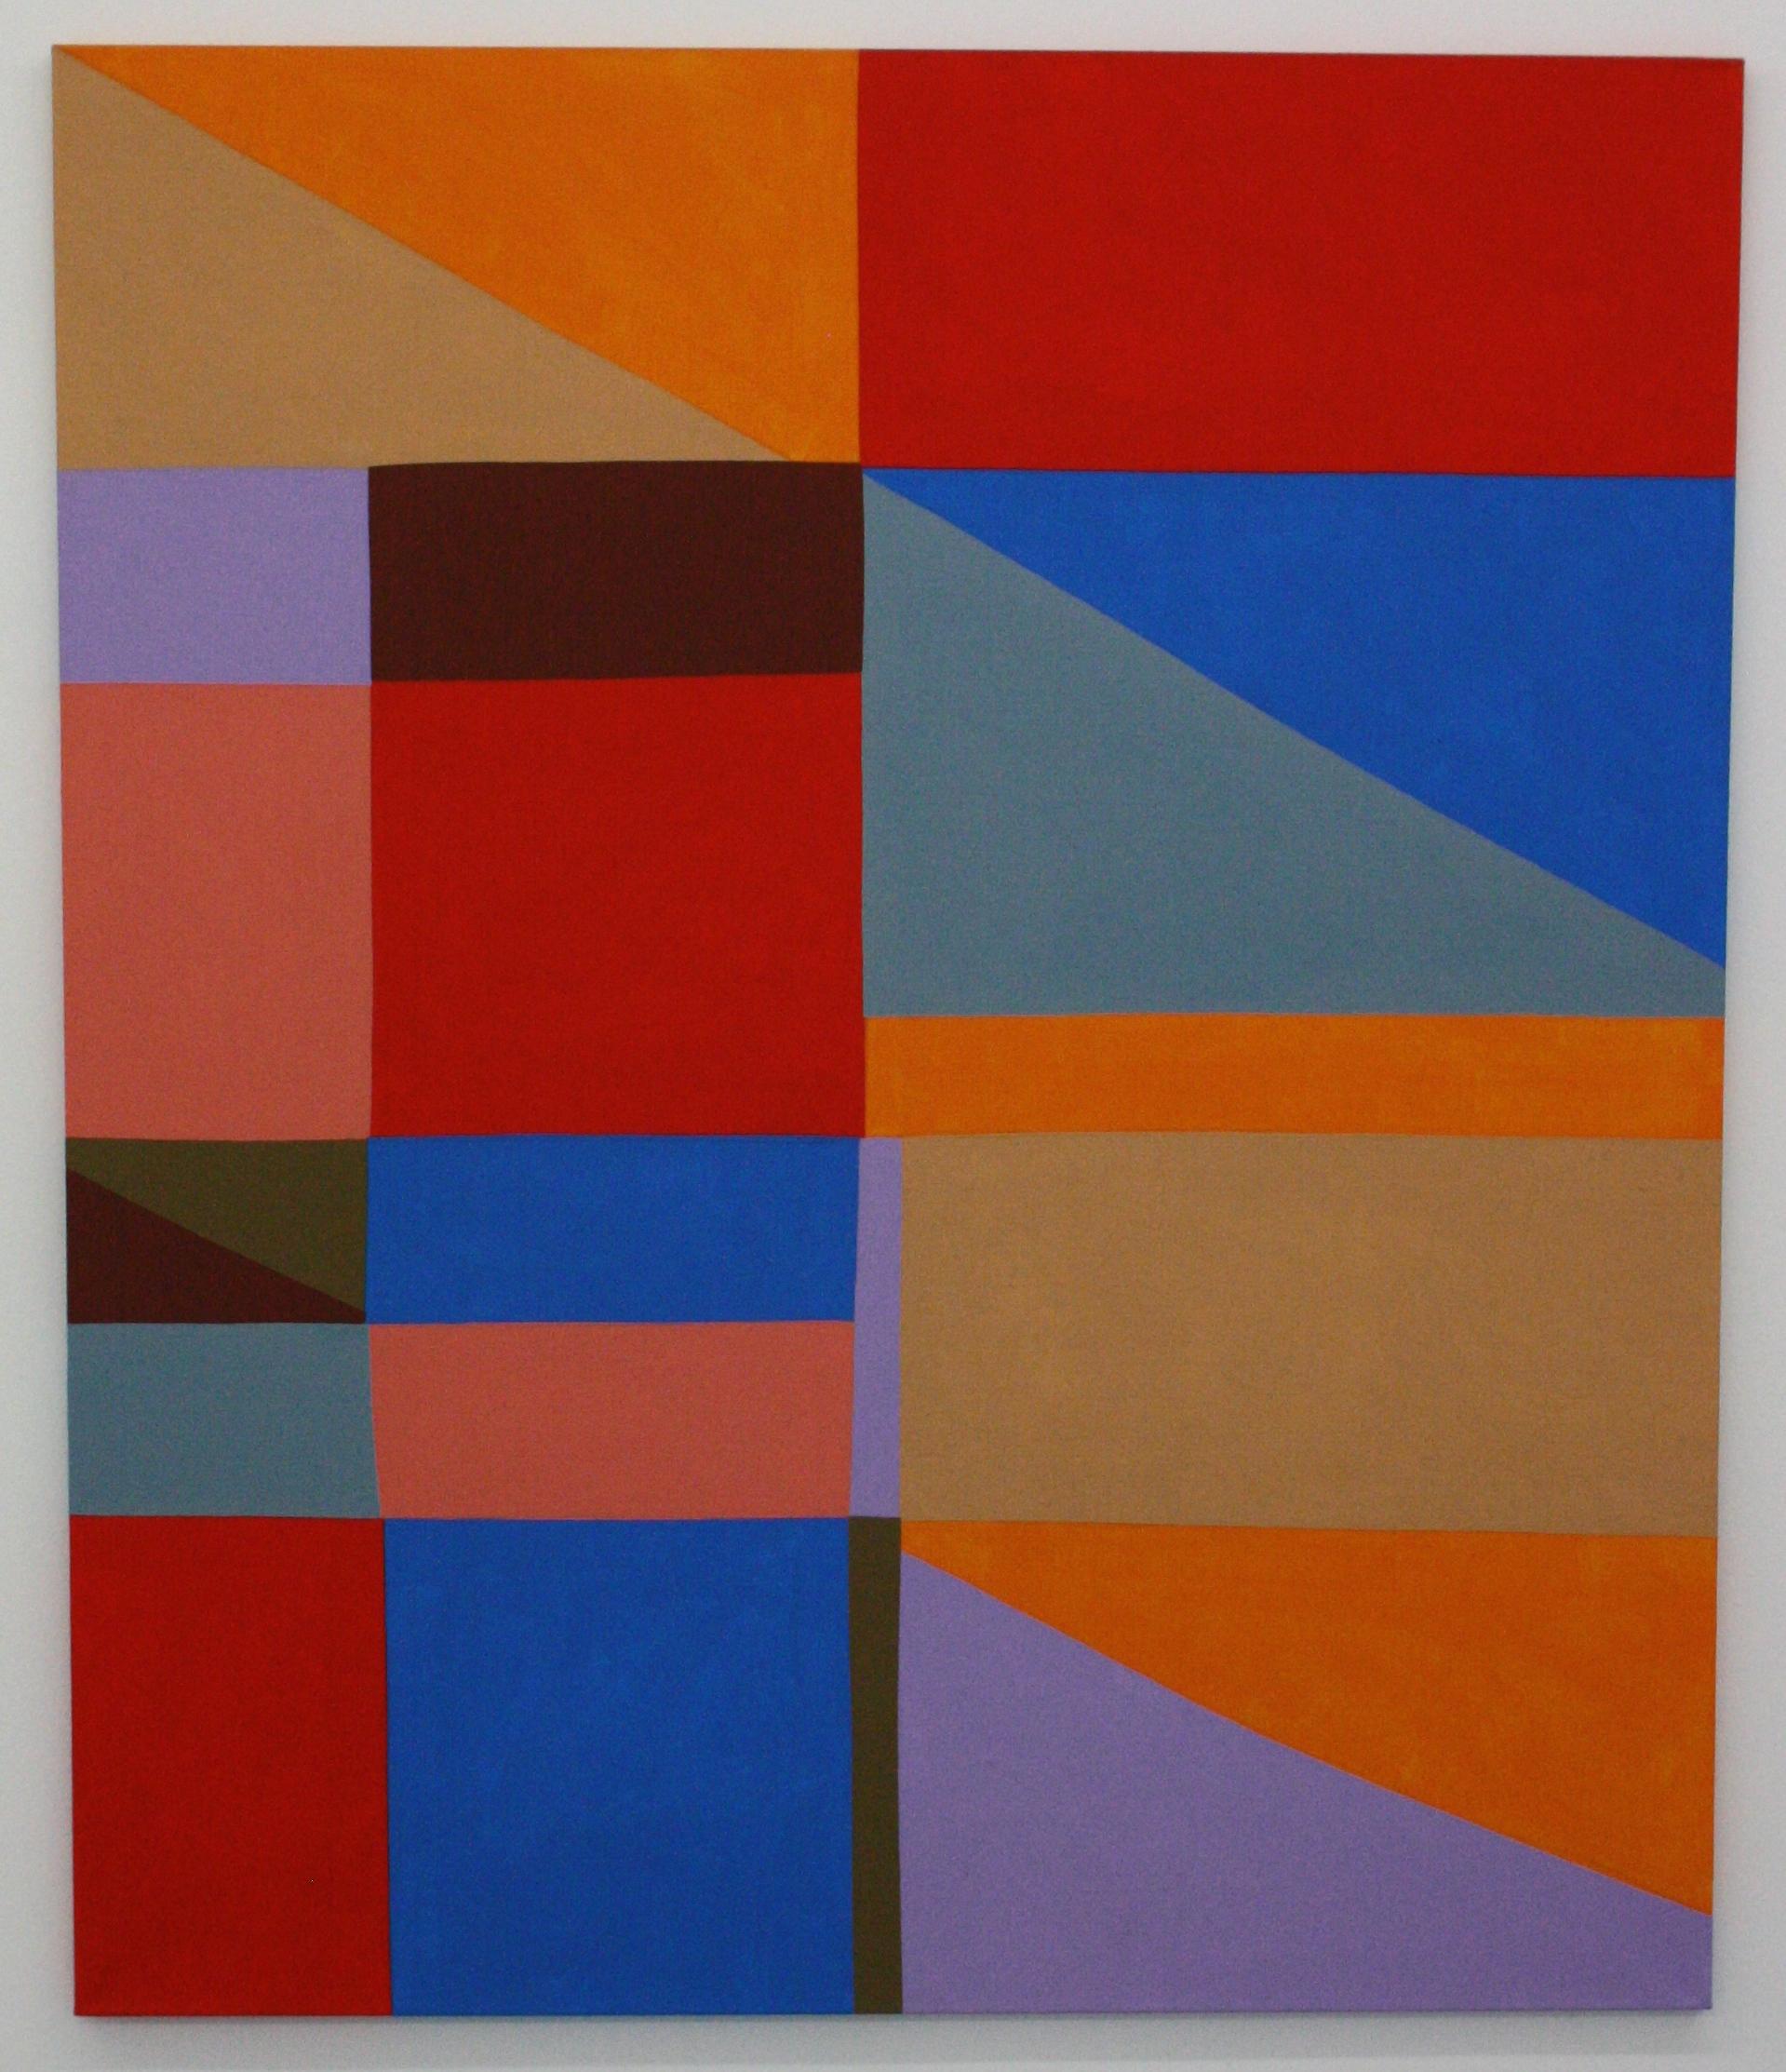 Stanislav Diviš, Barevná geometrie č. 16, 2013/IV, 135 x 115 cm, acr. pl.